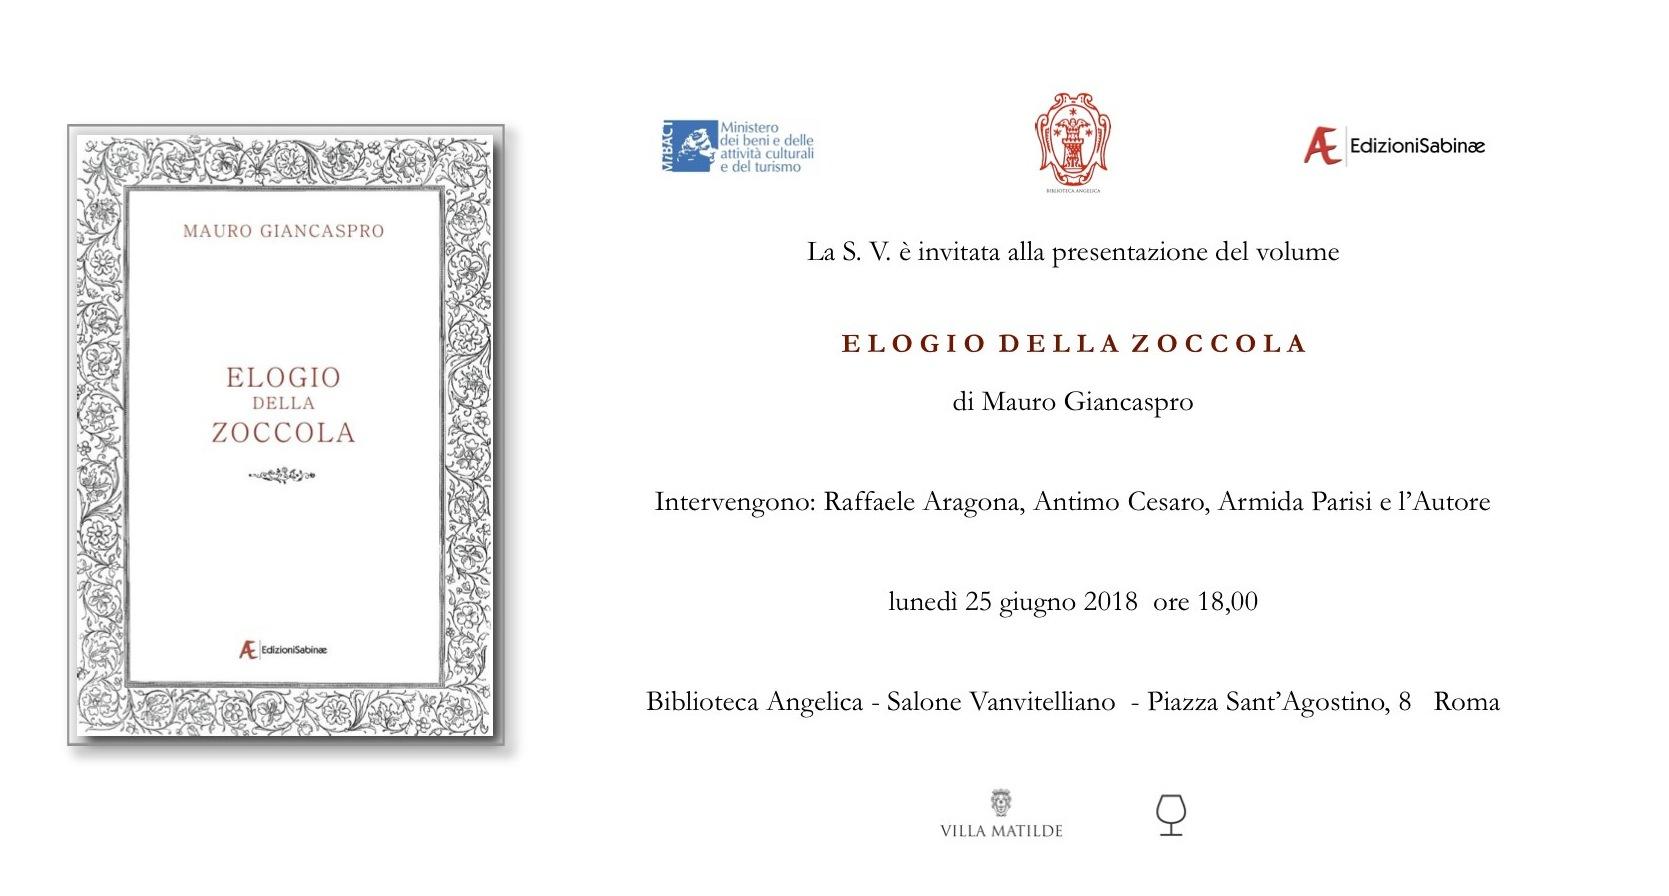 invito-25-giugno-2018-giancaspro_zoccola